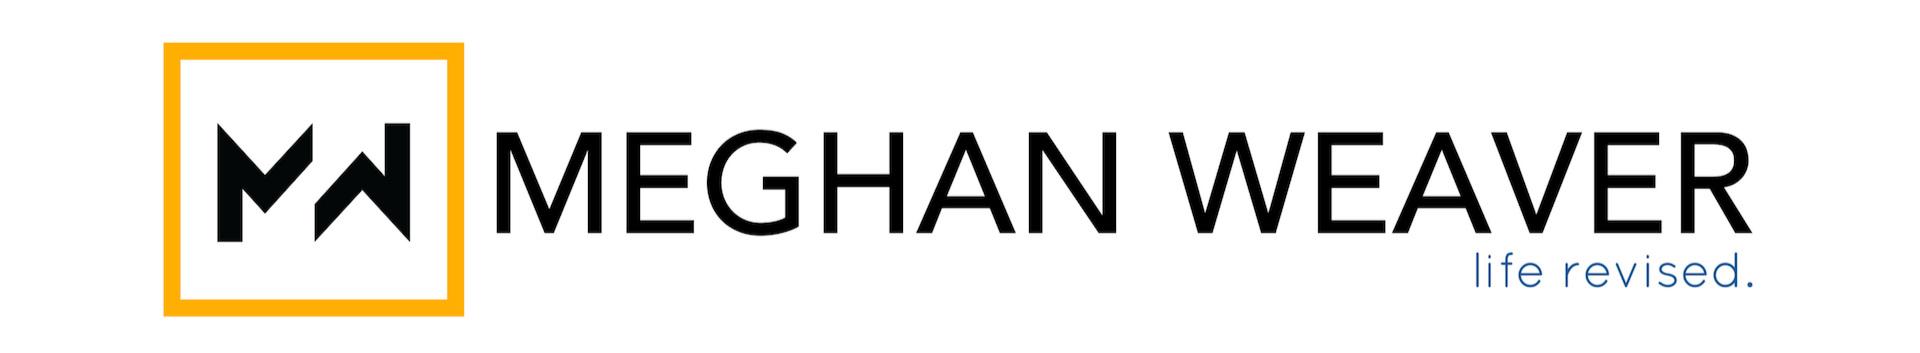 Brand Guidlines - Meghan Weaver .png